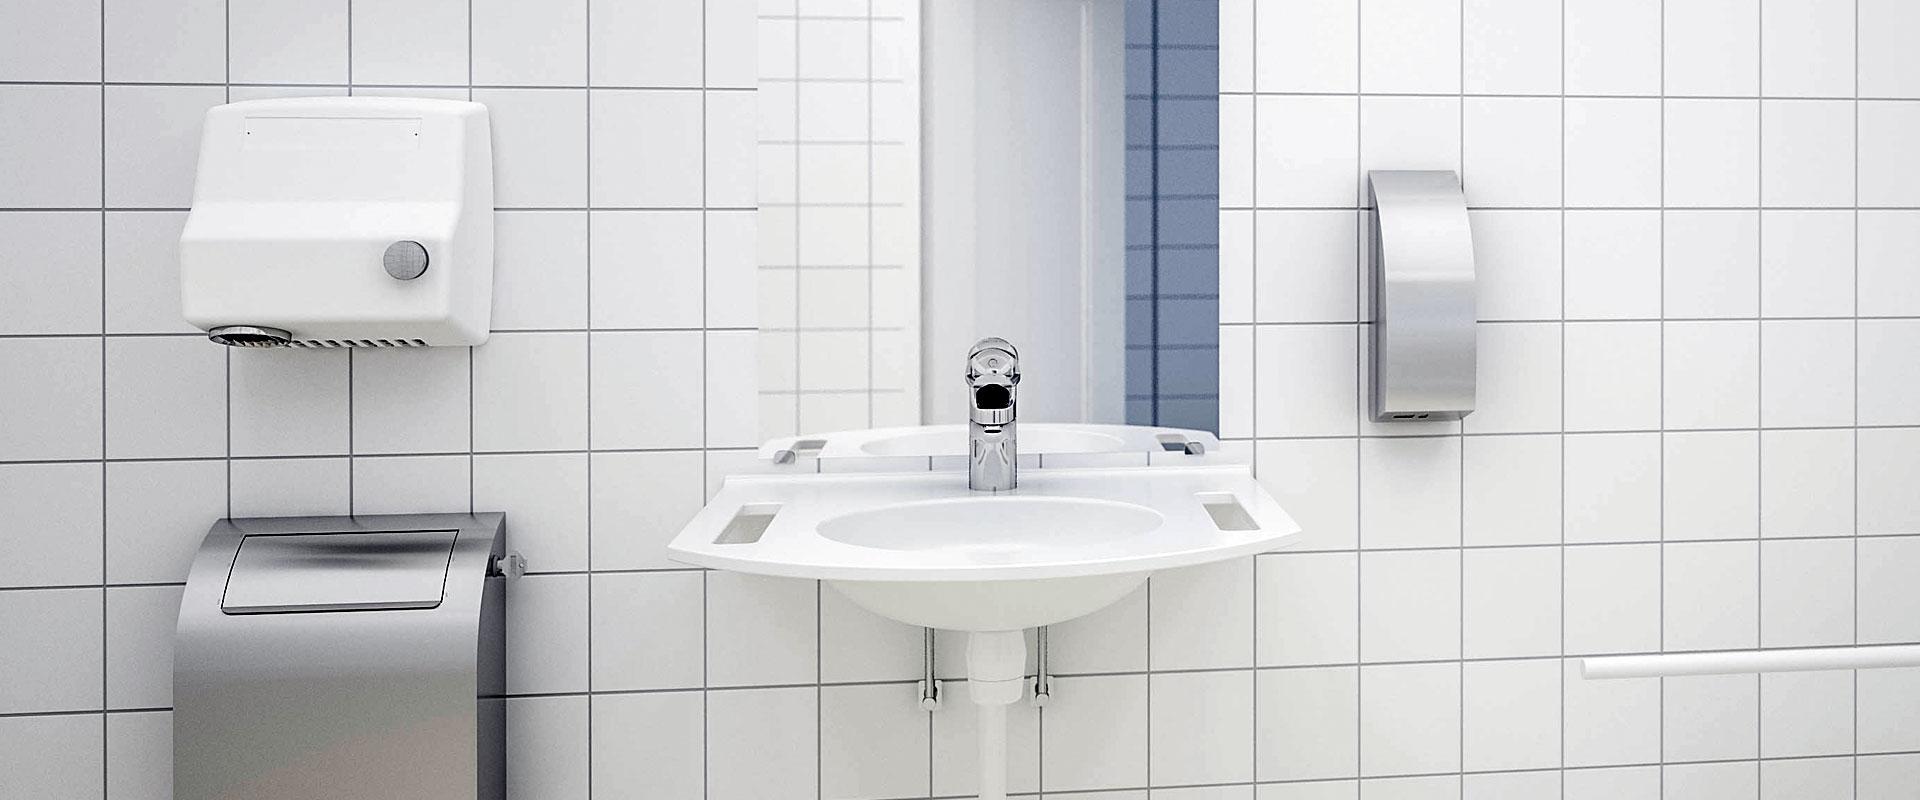 Tvättställ, blandare och tillbehör